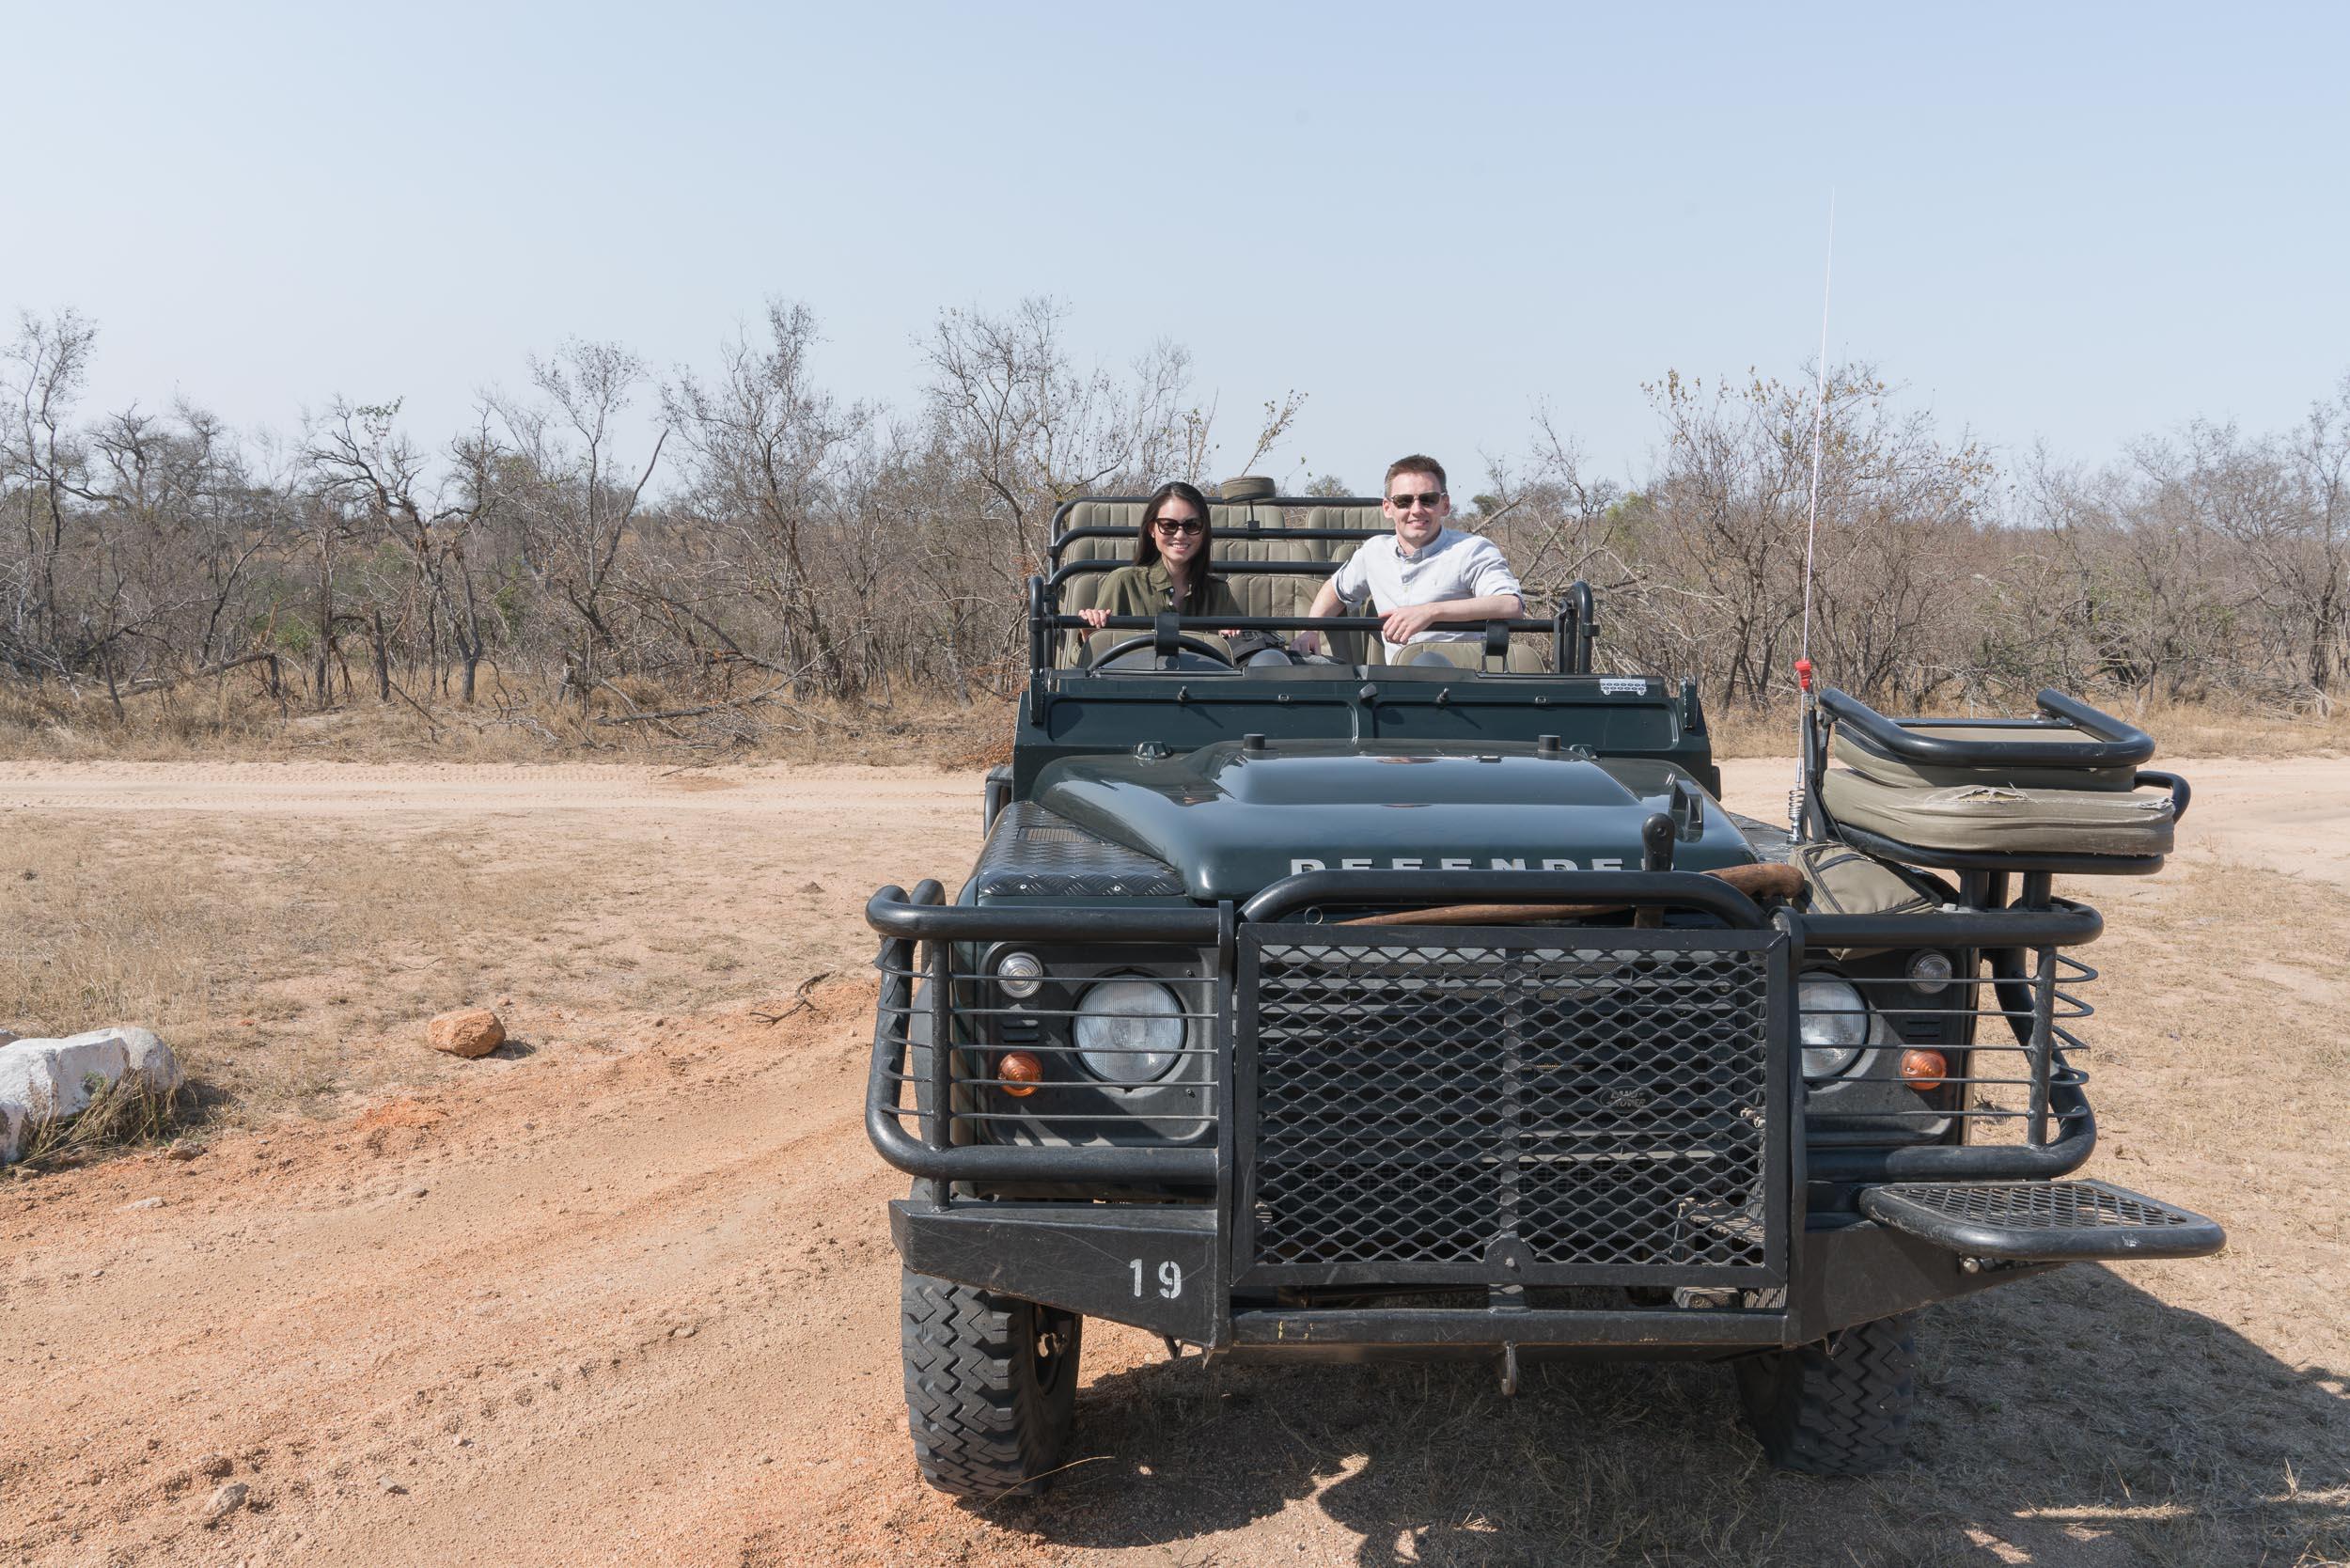 the_getaway_edit_south_africa_safari_londolozi_game_reserve-52.jpg